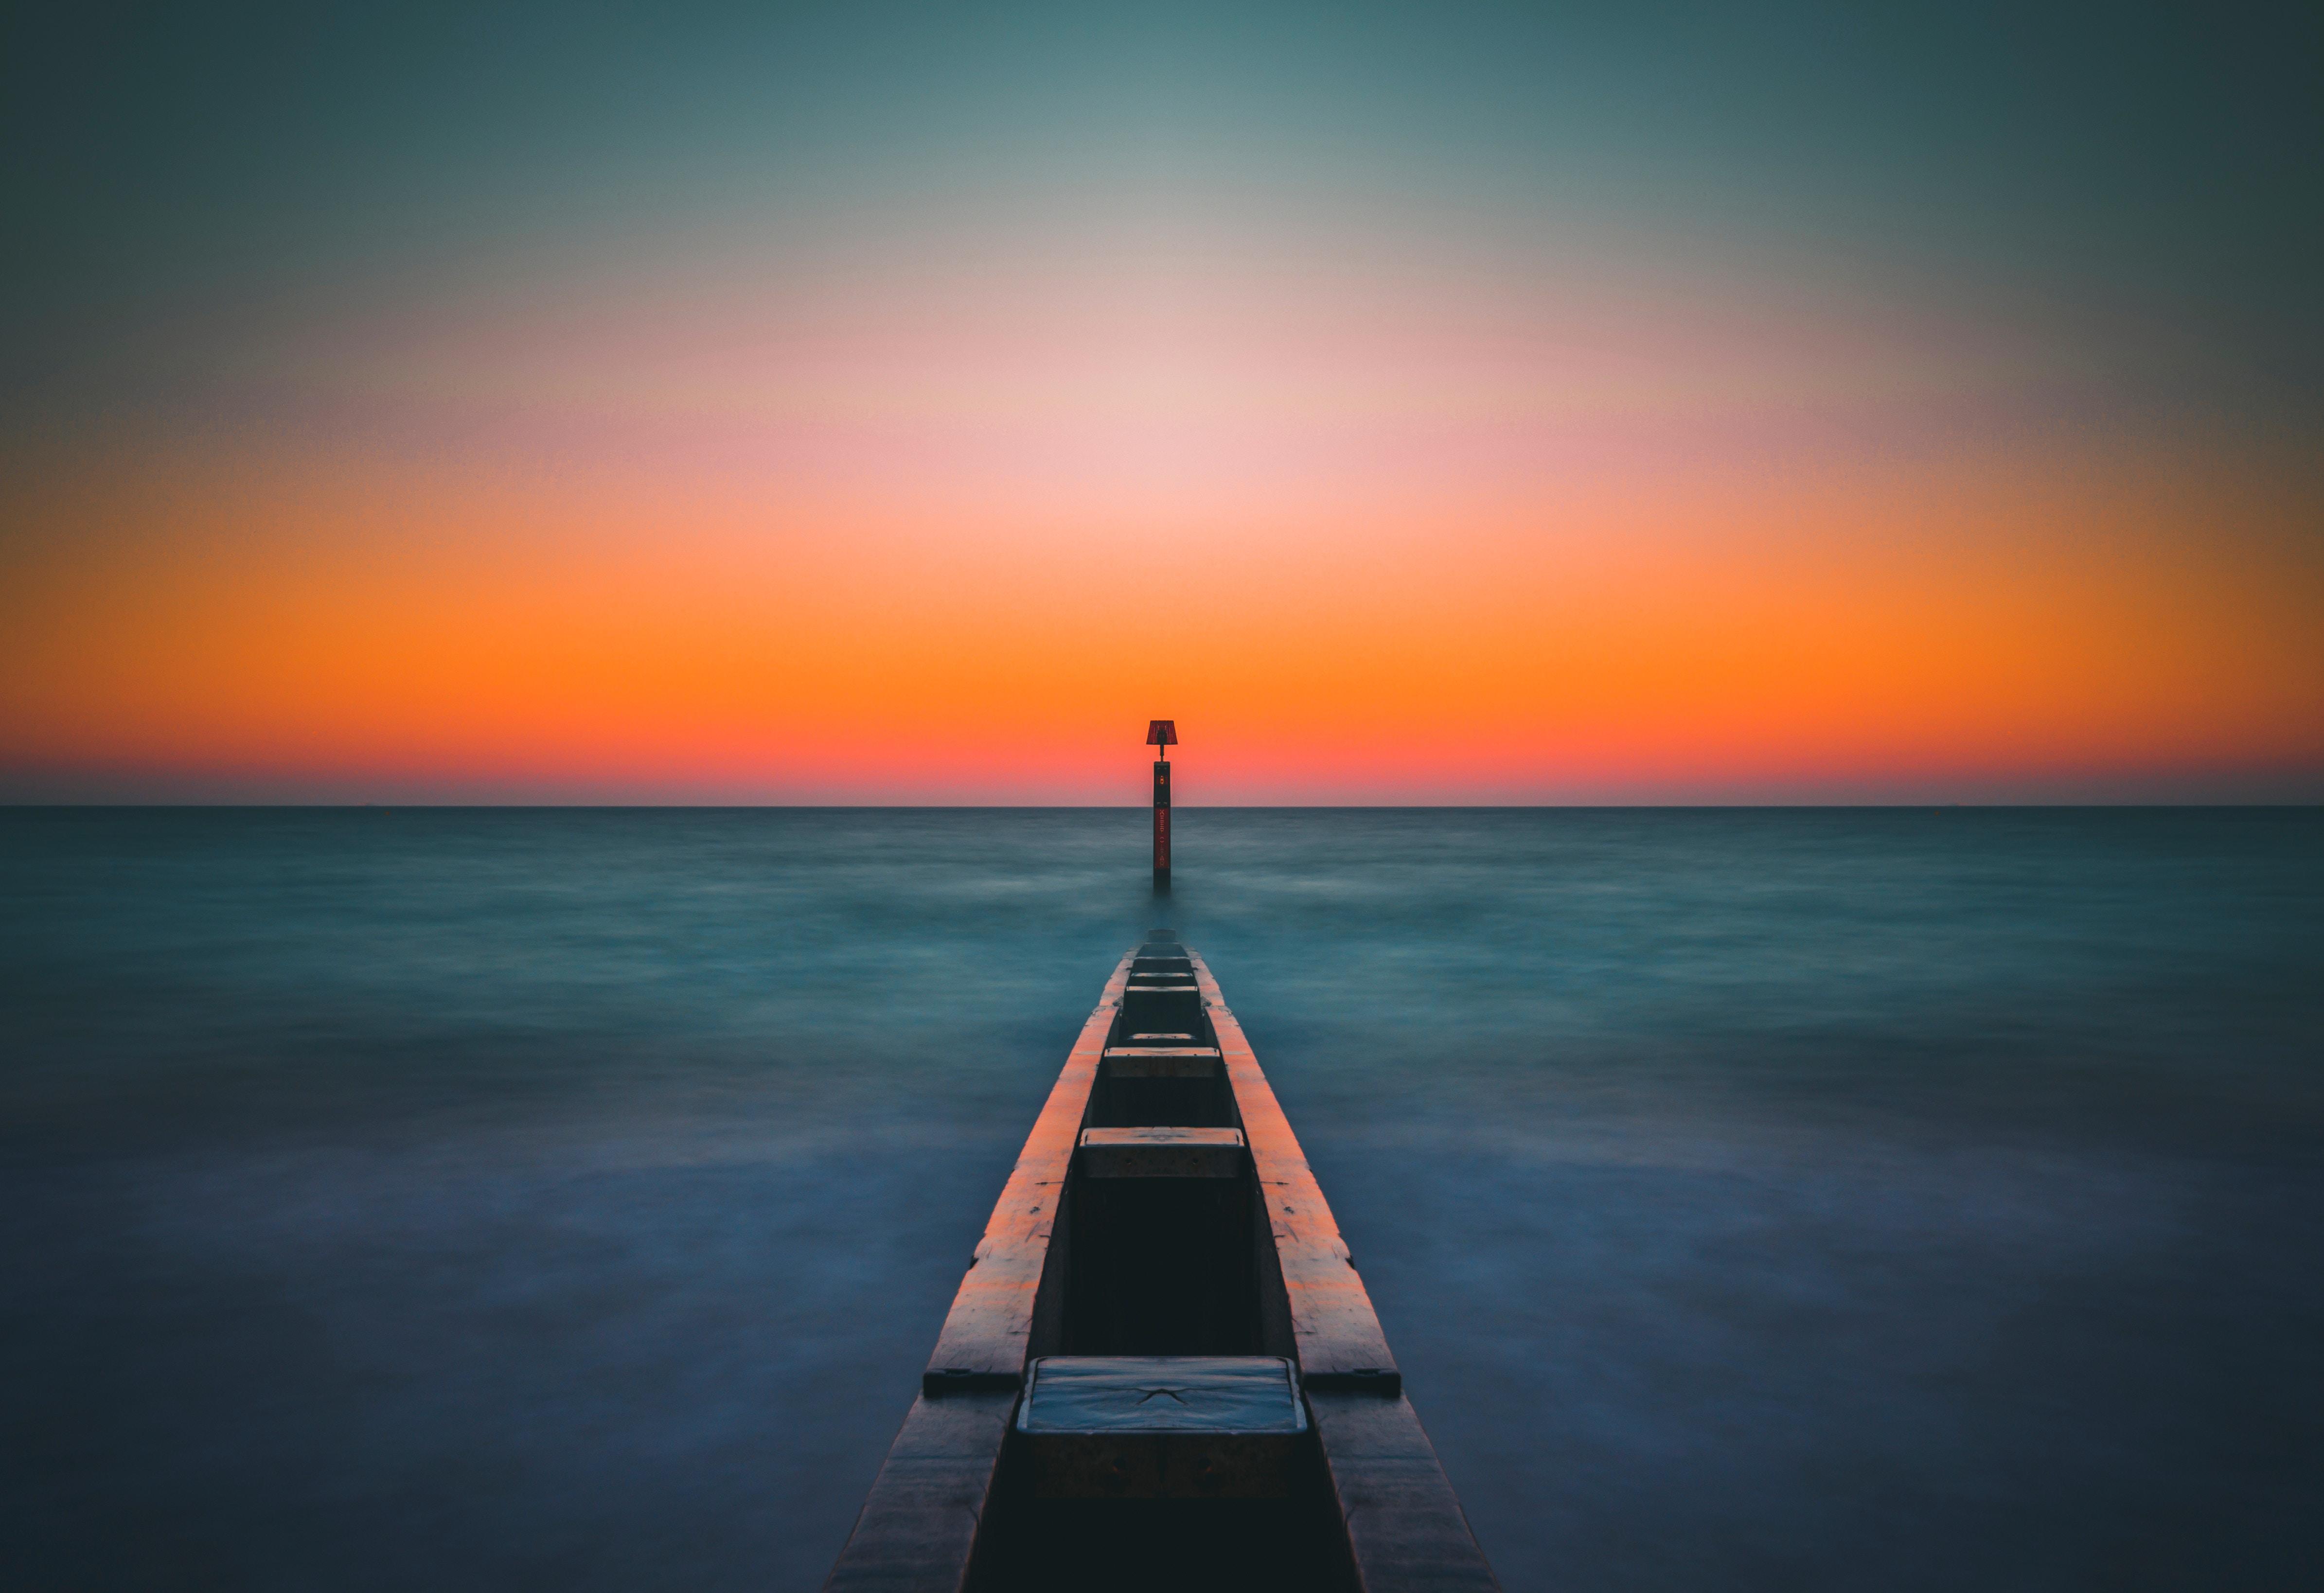 112120 papel de parede 720x1520 em seu telefone gratuitamente, baixe imagens Natureza, Mar, Cais, Píer, Névoa, Nevoeiro, Atracar 720x1520 em seu celular